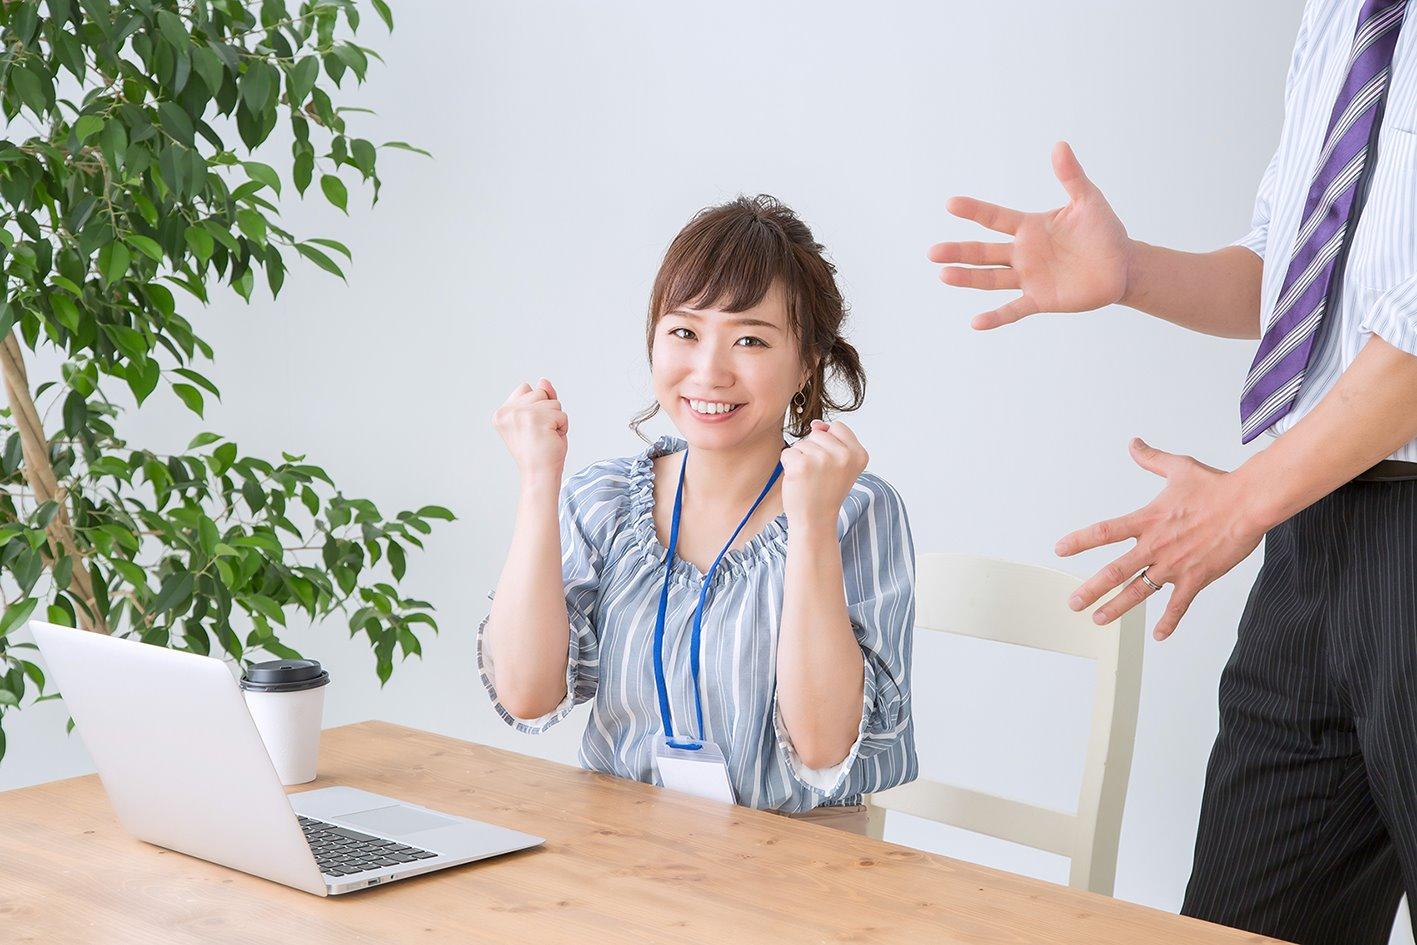 【HDC大阪 くらし向上計画】「心の姿勢と声の姿勢」を整えて幸せ人生に♪~ほめて幸せ、笑声で広がる心のつながり~